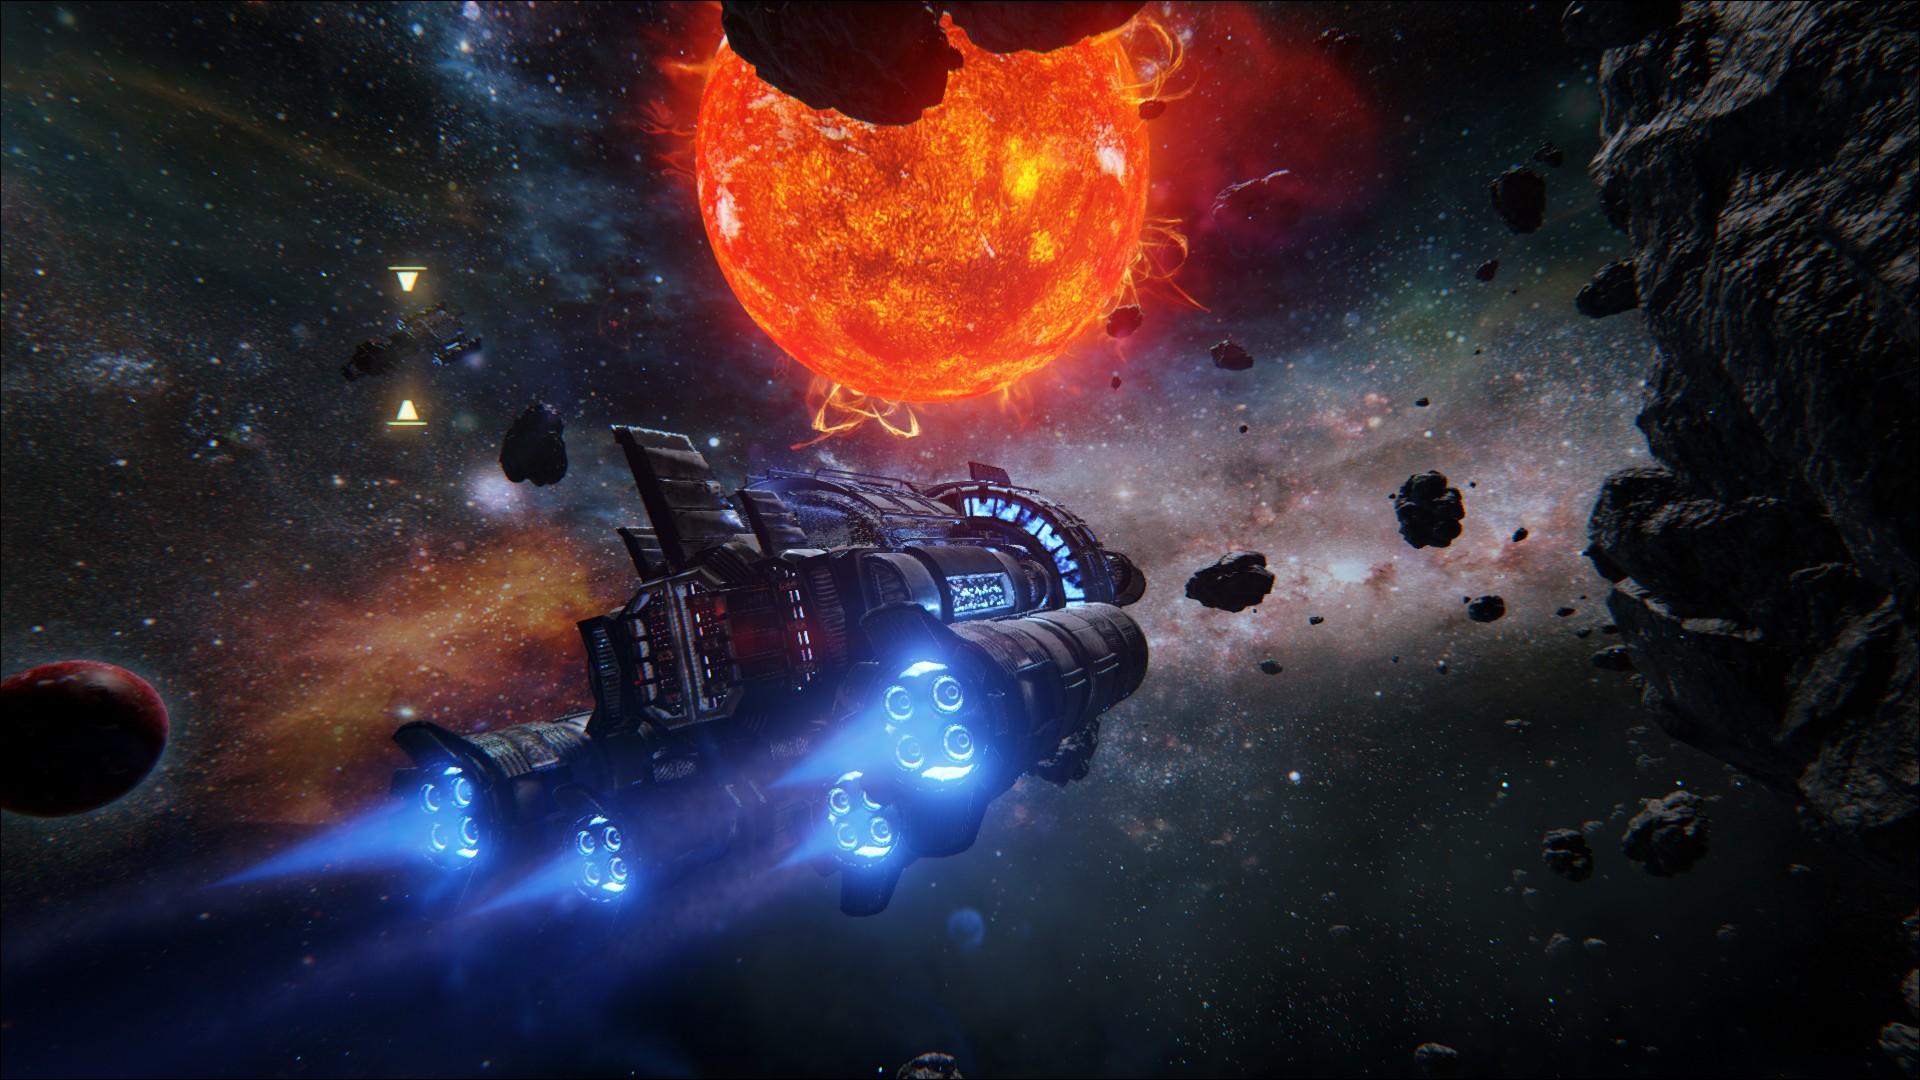 spacecraft rts - photo #36